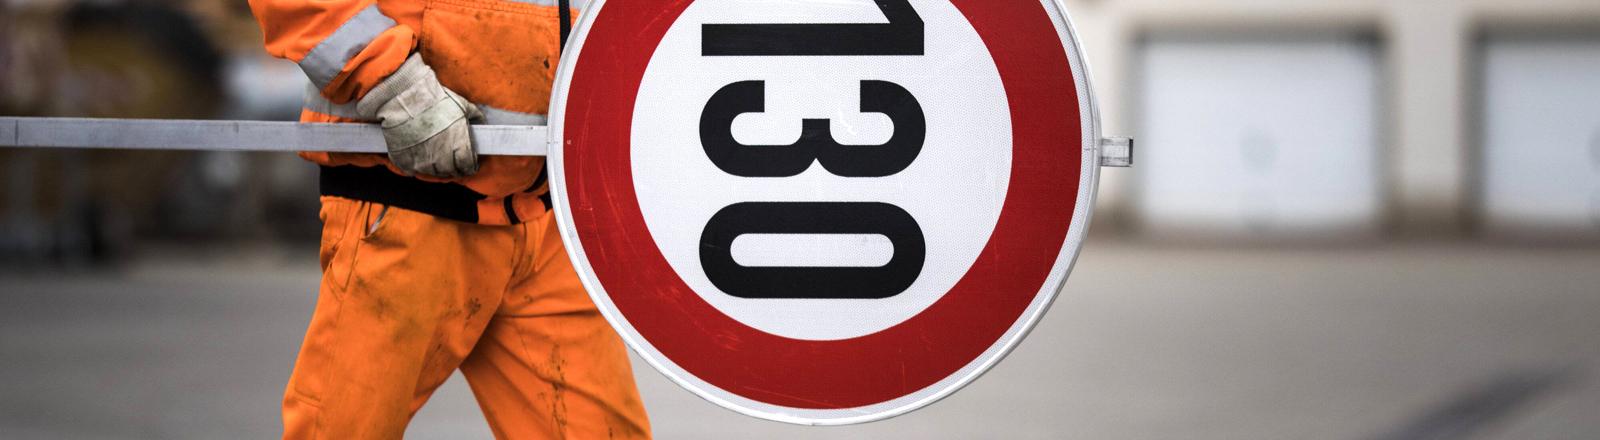 Auf welchen straßen gilt die richtgeschwindigkeit von 130 km/h